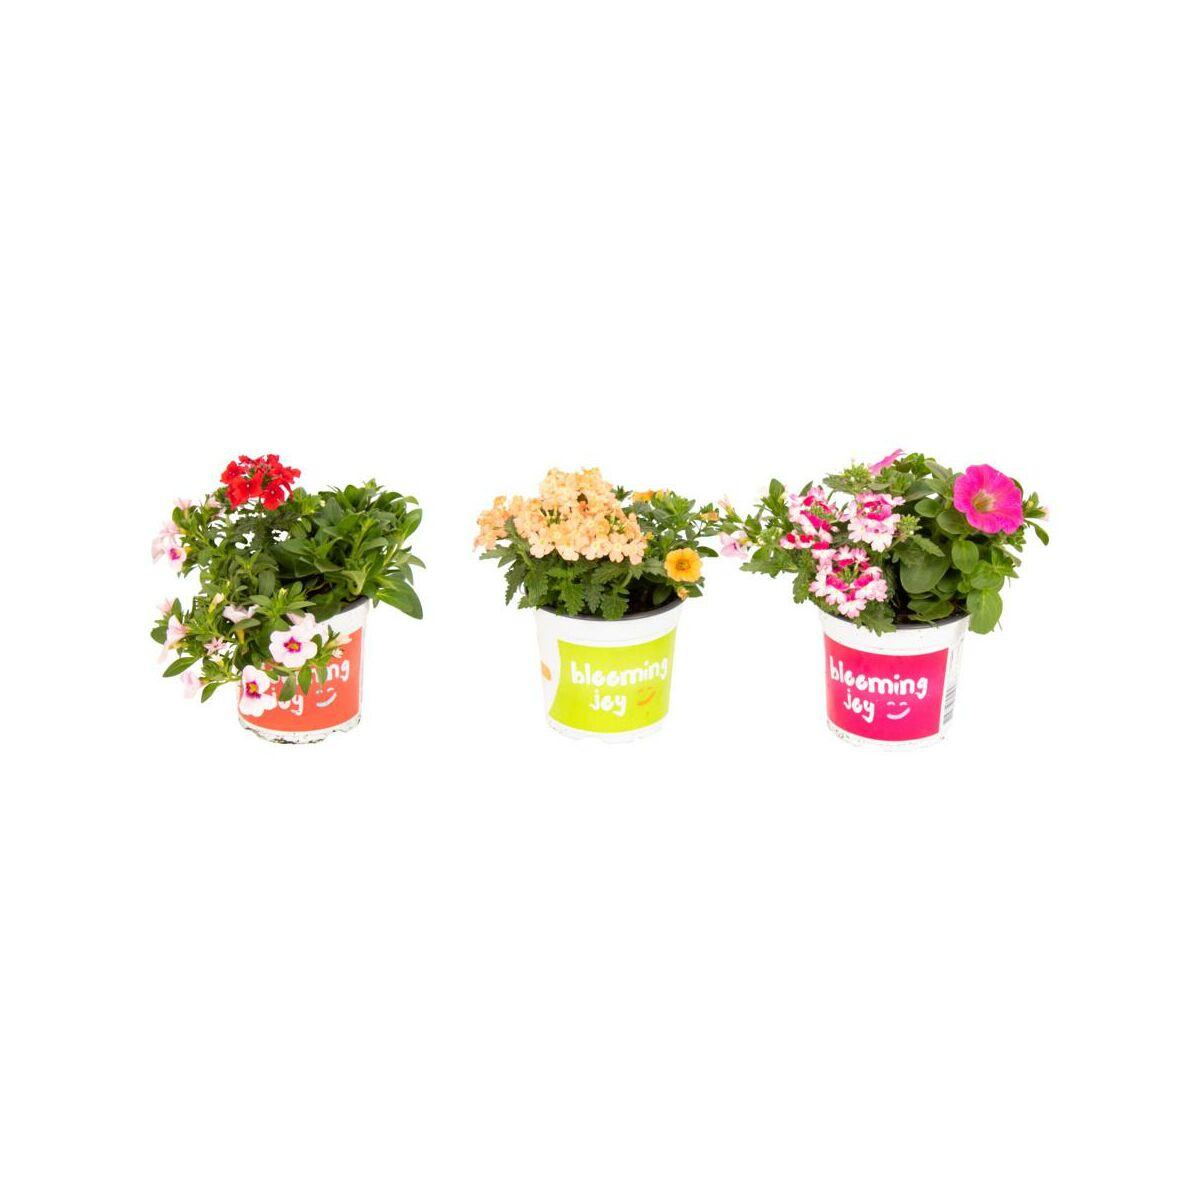 Rosliny Rabatowe Mix 15 25 Cm Kwiaty Balkonowe I Ogrodowe W Atrakcyjnej Cenie W Sklepach Leroy Merlin